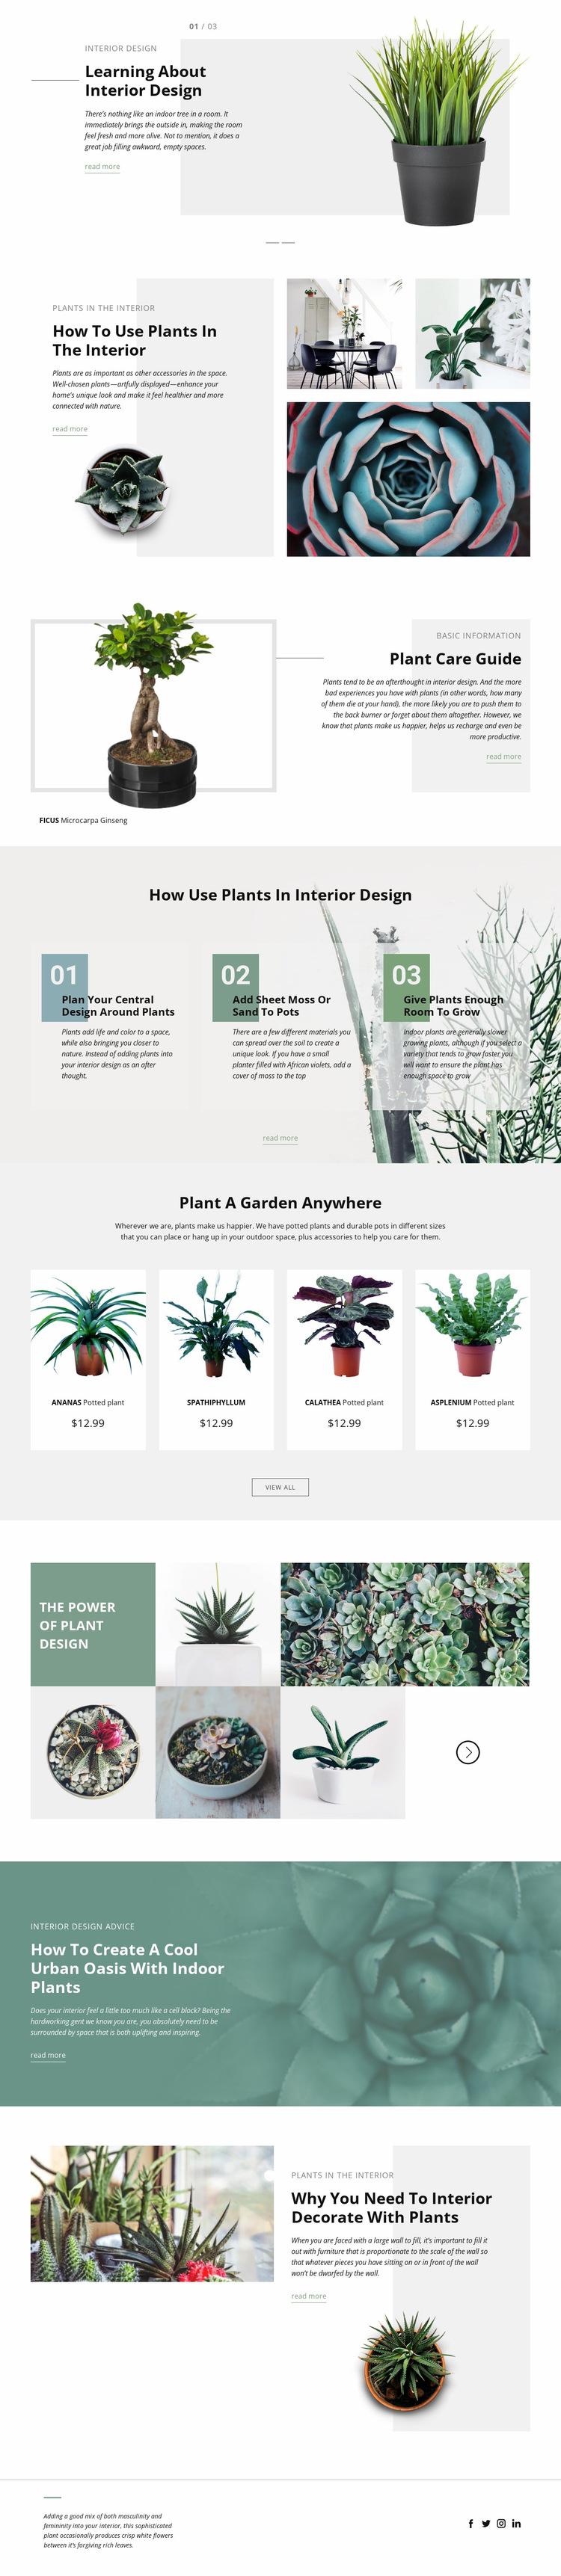 Interior Design Studio Website Builder